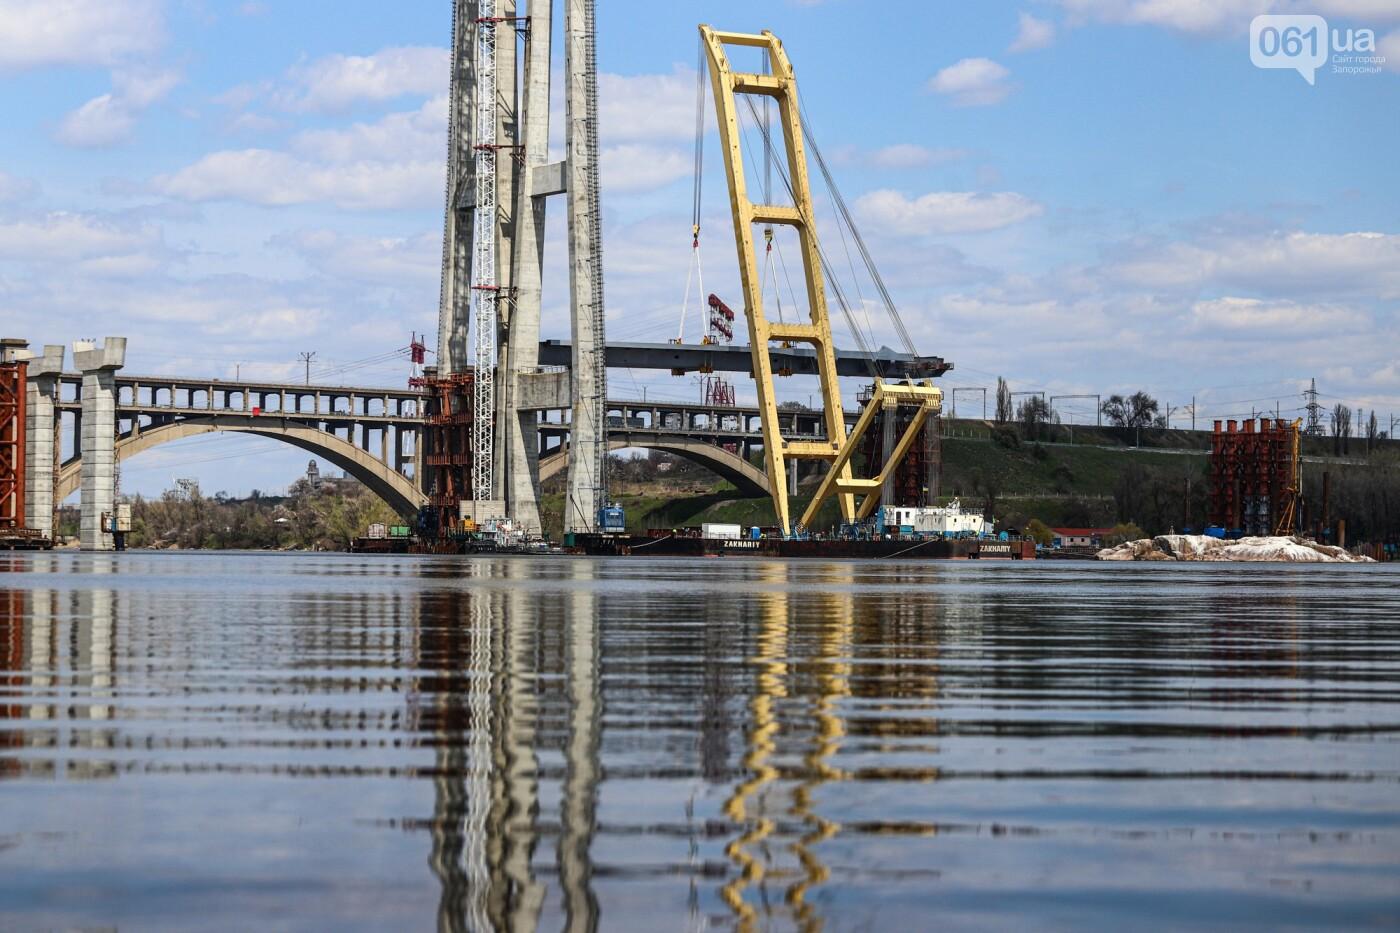 Монтаж первого пролета вантового моста, транспортный локдаун и репортаж из заброшенной шахты: апрель в фотографиях, фото-42